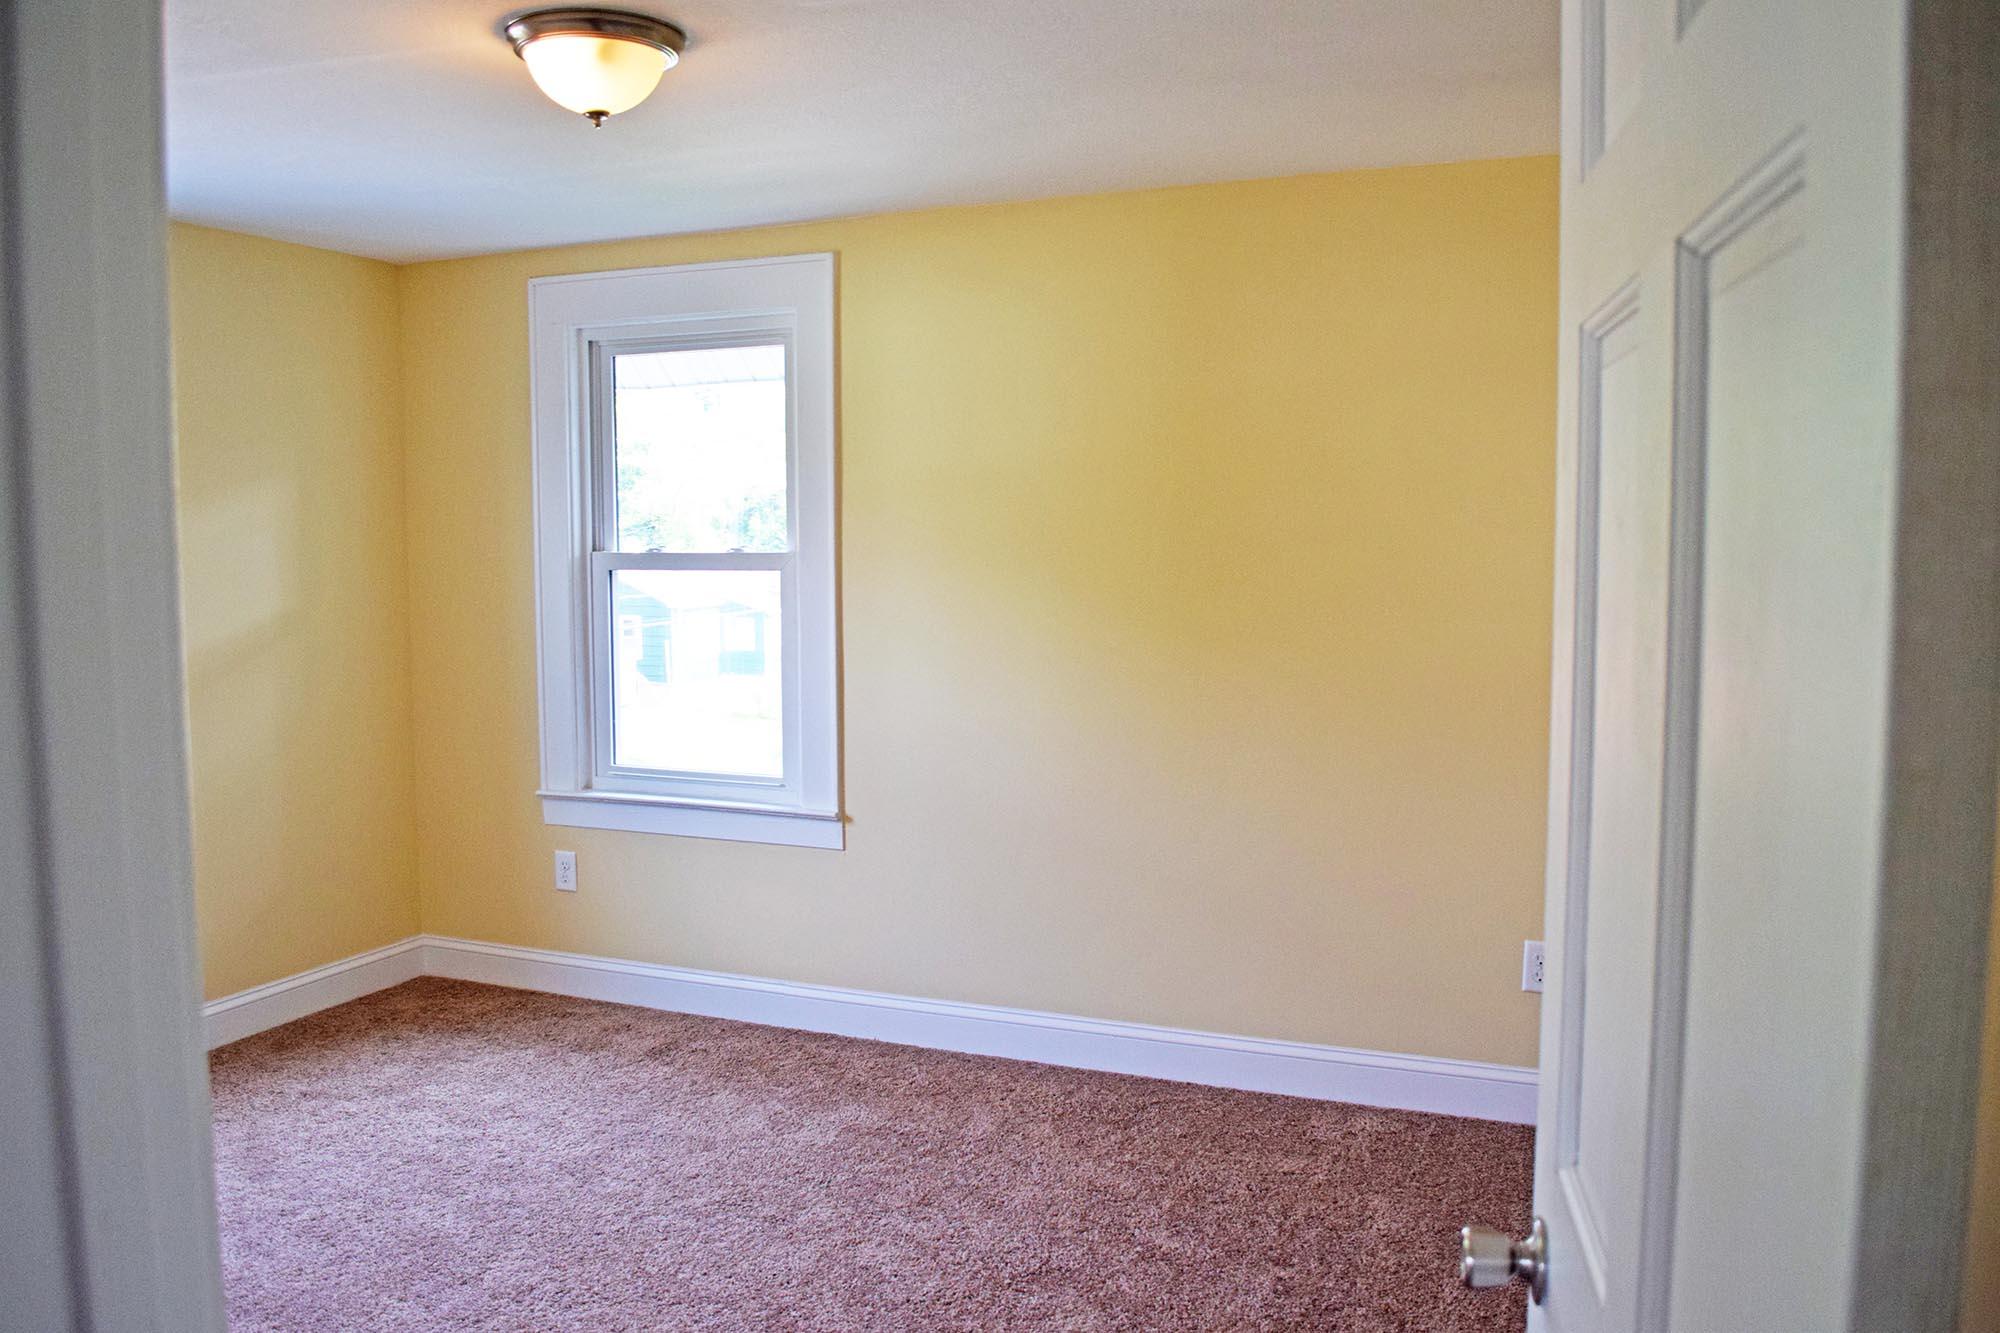 116 Benedict - Bedroom 2 After2.jpg